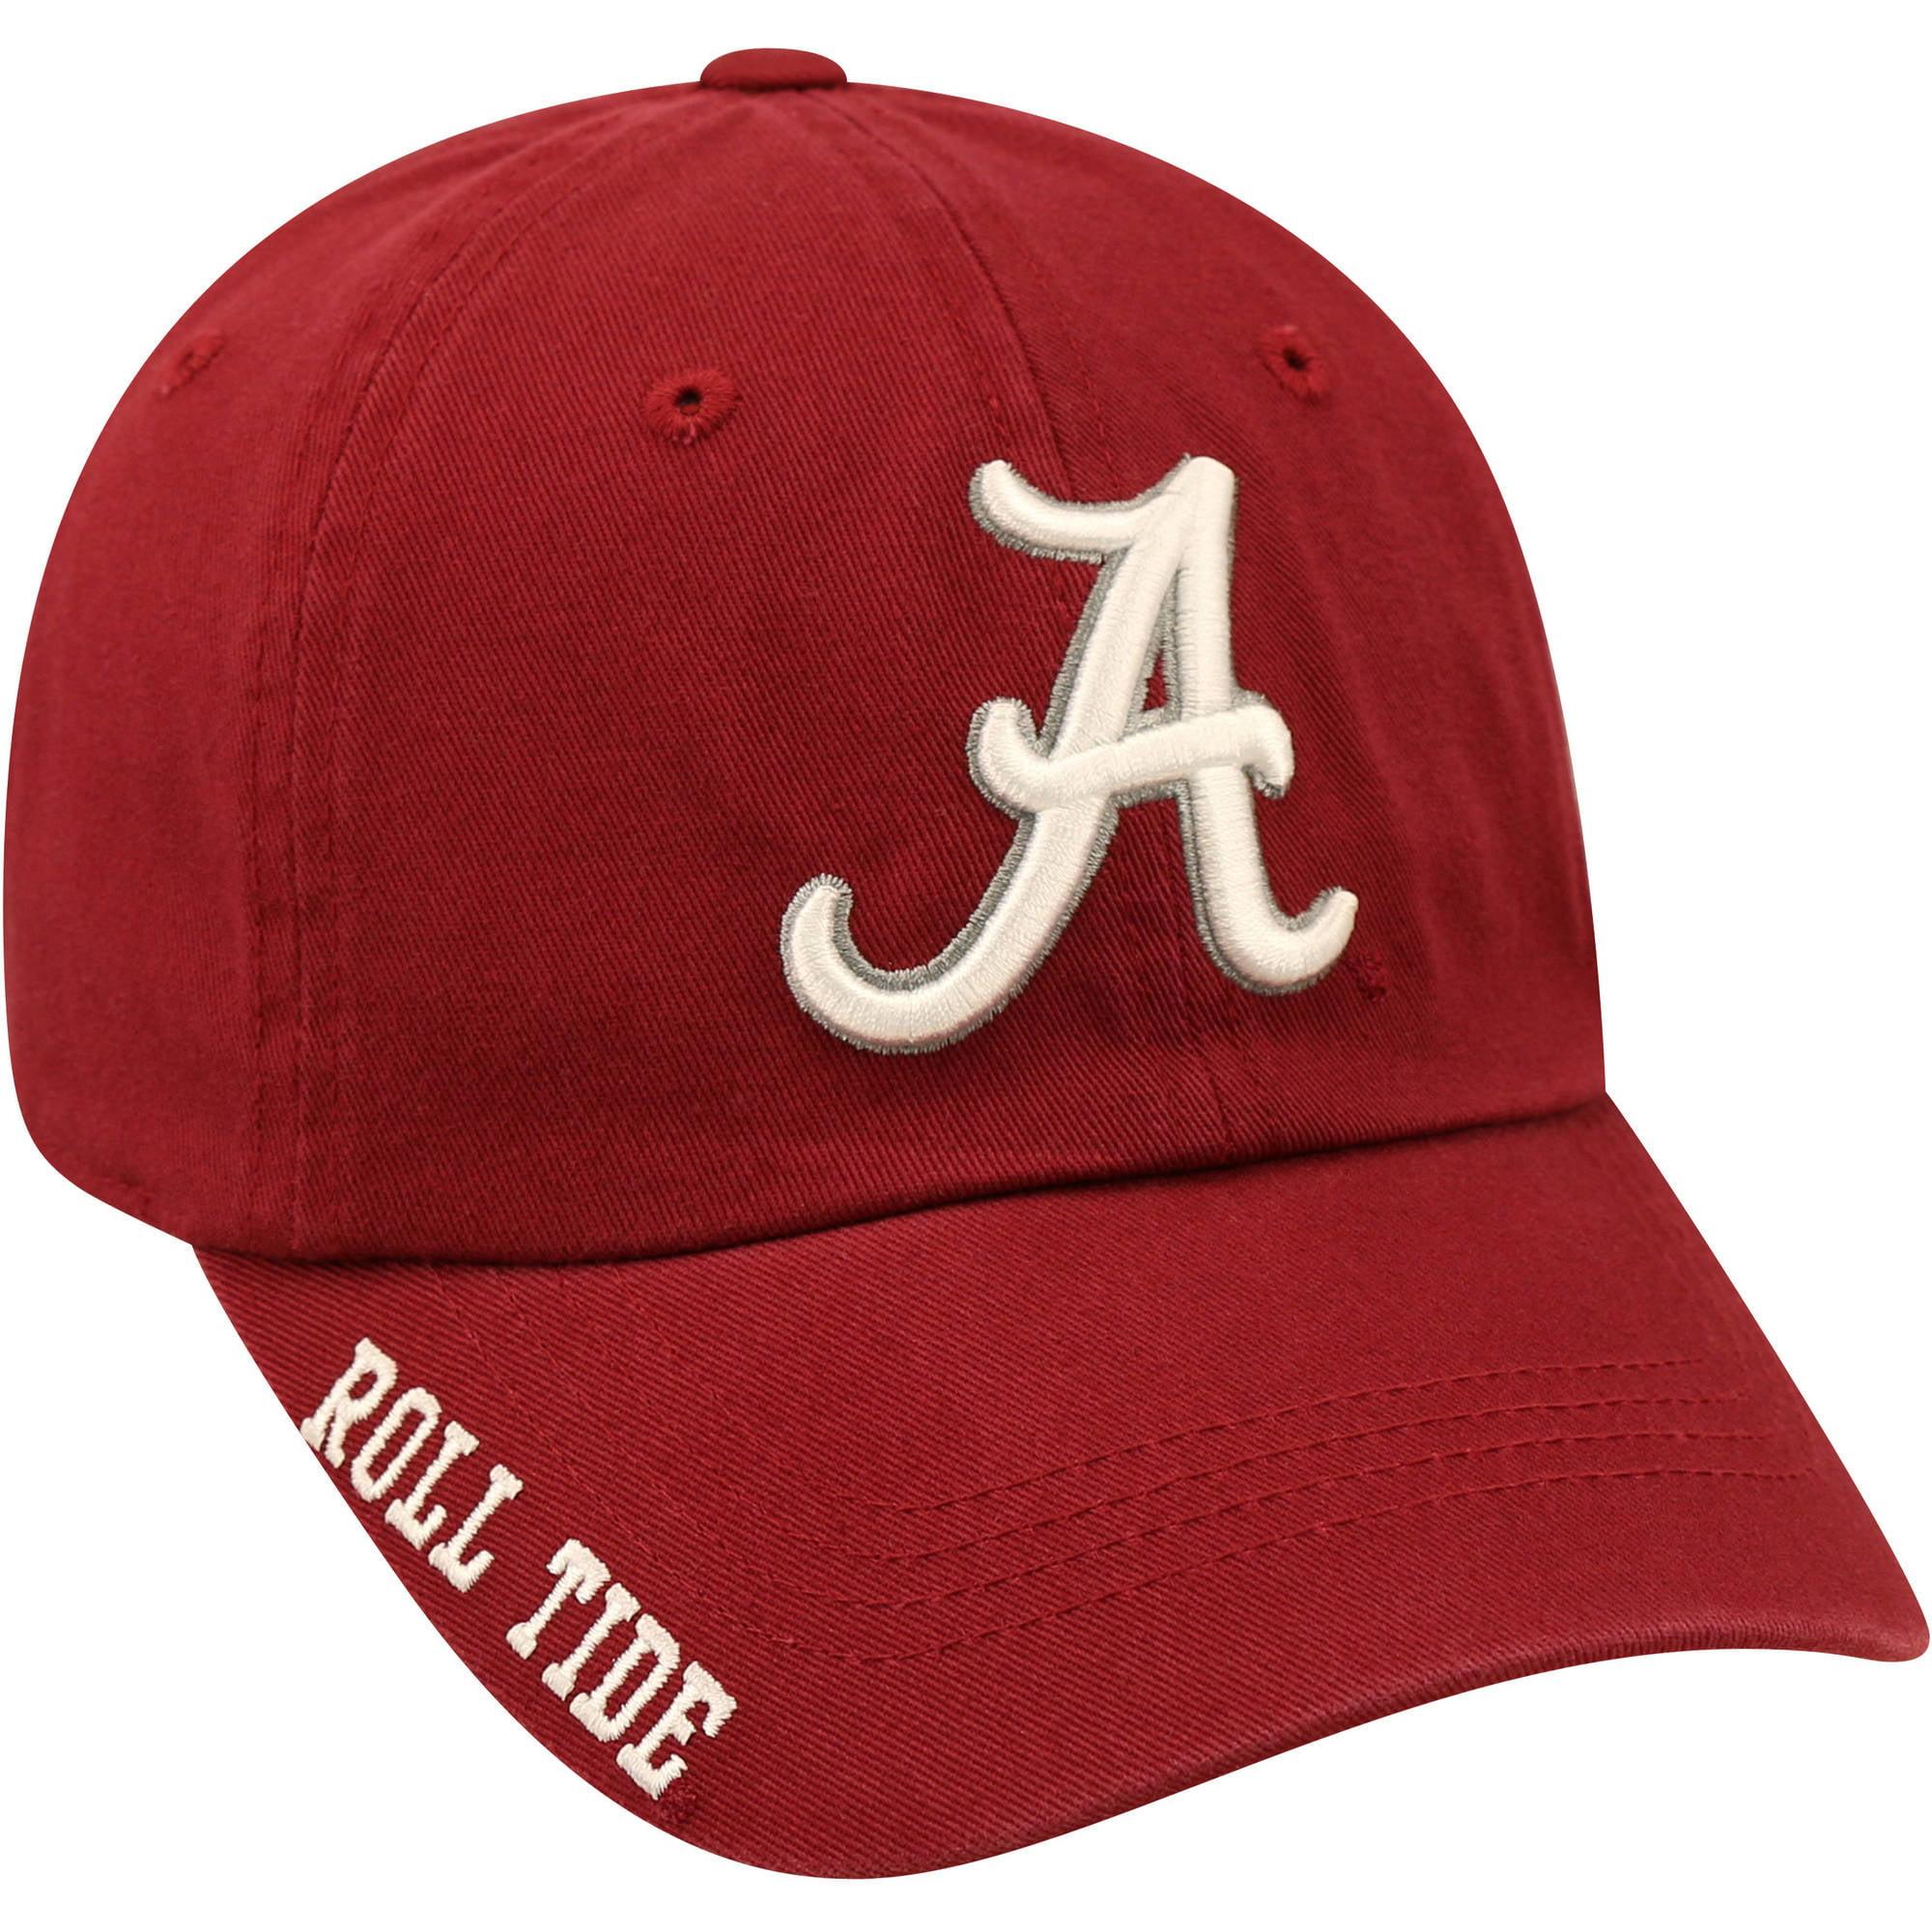 NCAA Men s Alabama Crimson Tide Home Cap - Walmart.com 2b25f2faf55d